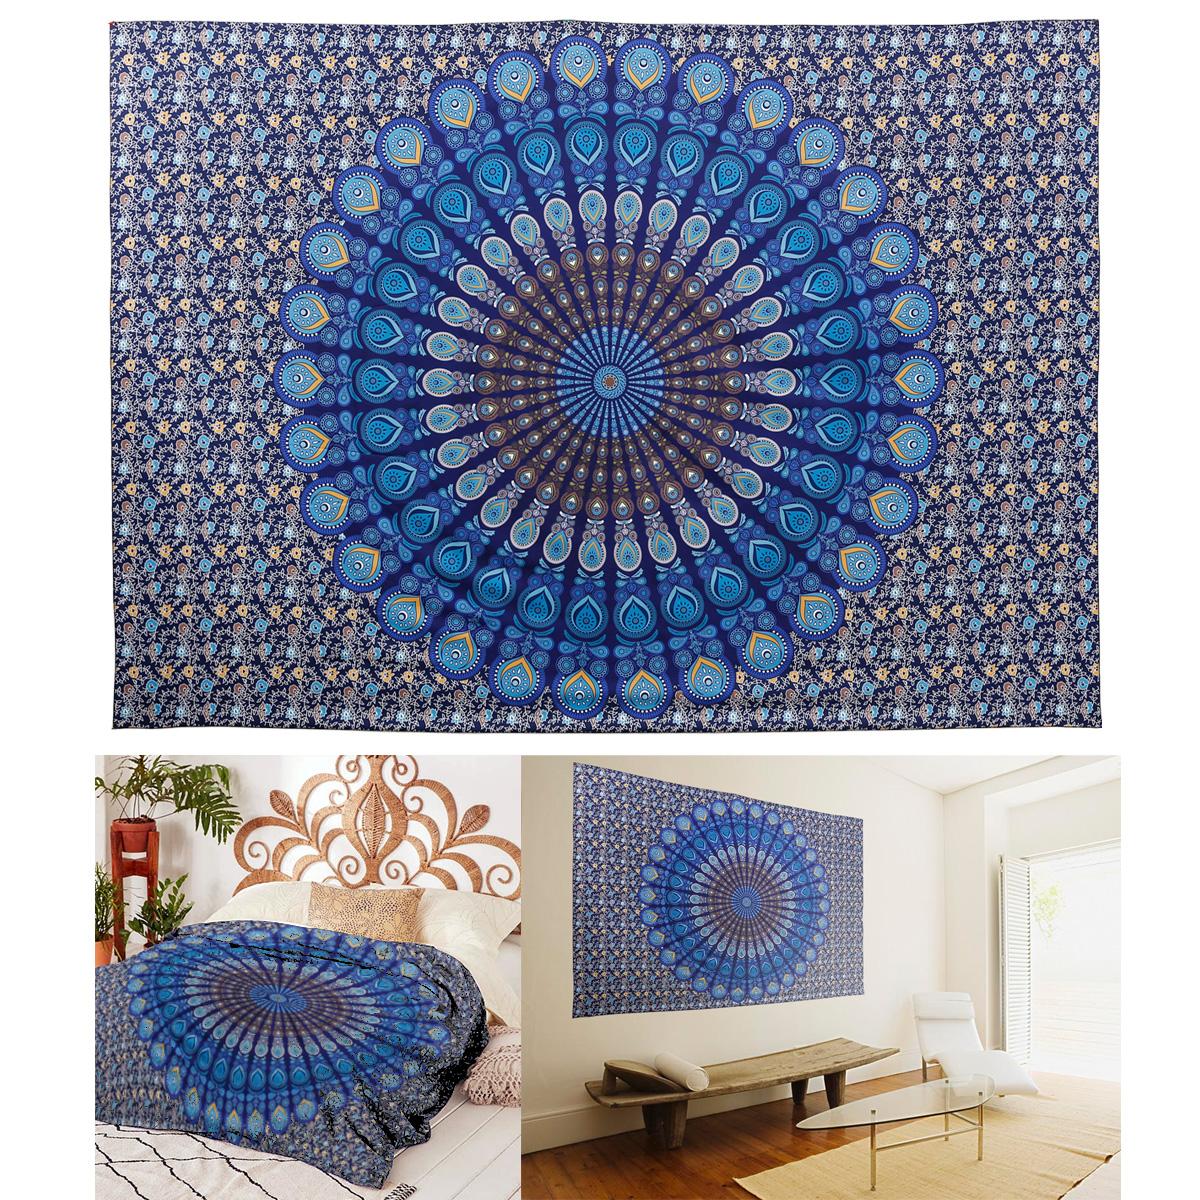 tenture murale tapisserie de mandala 210x146cm plumes paon 478 jet de lit ebay. Black Bedroom Furniture Sets. Home Design Ideas